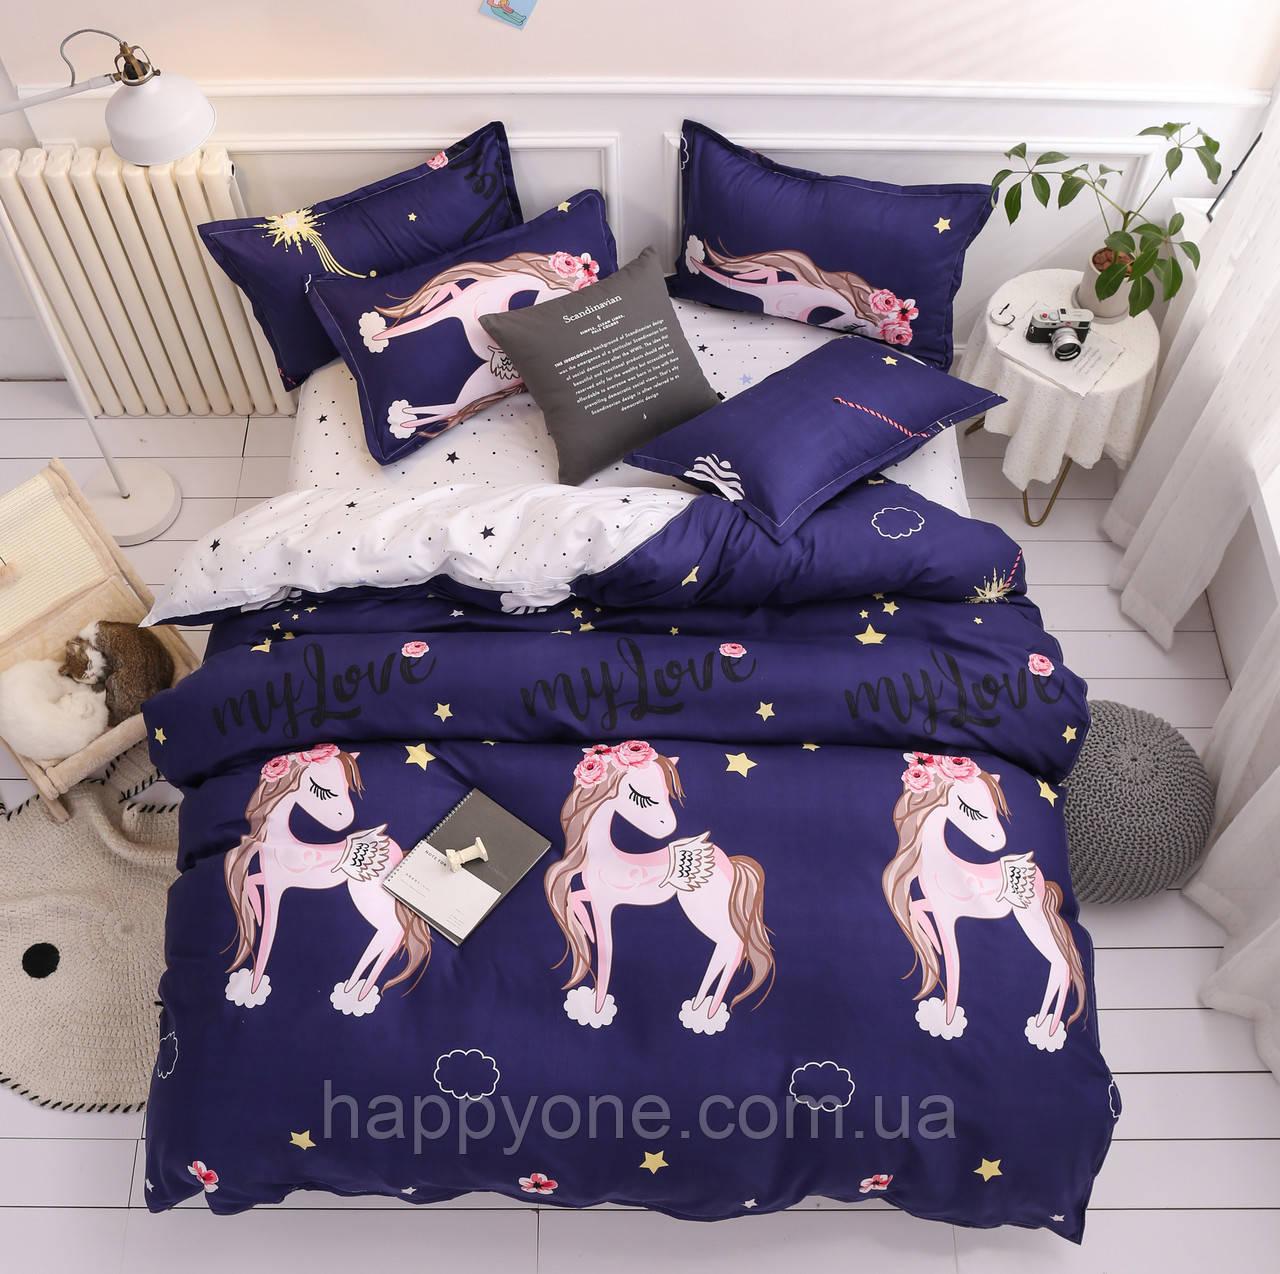 Полуторный комплект постельного белья My Love (фиолетовый)